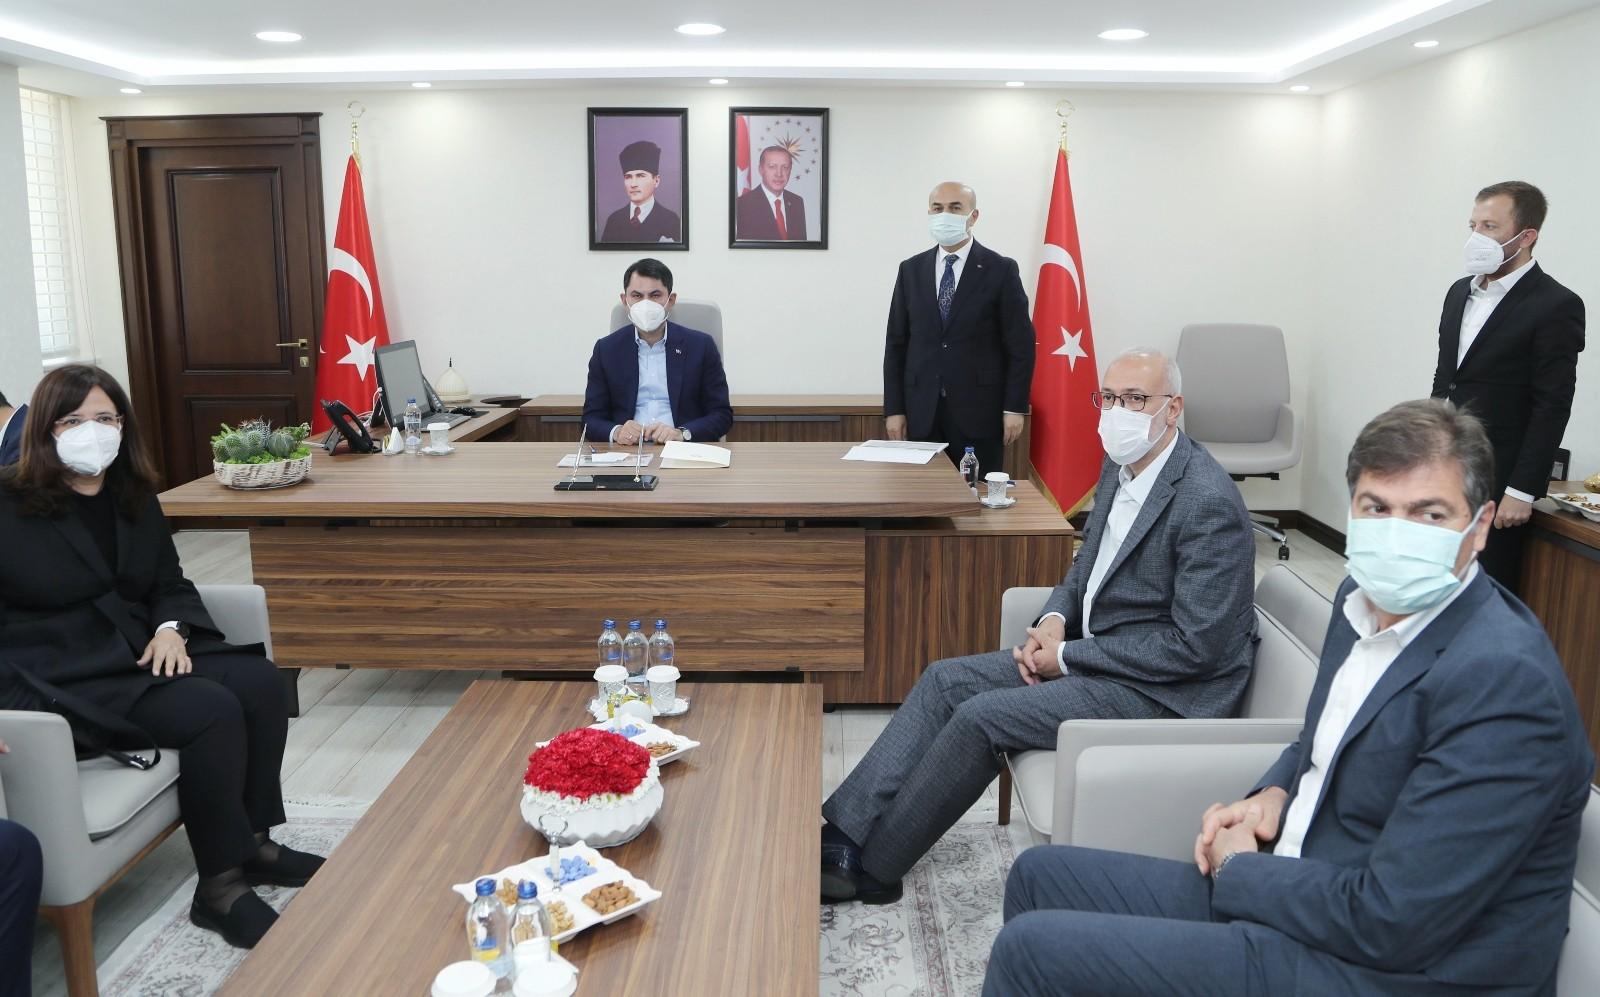 """Bakan Kurum: """"Hedefimiz 2023'ün, 2053 ve 2071'in Mardin'i için var gücümüzle çalışmak"""""""